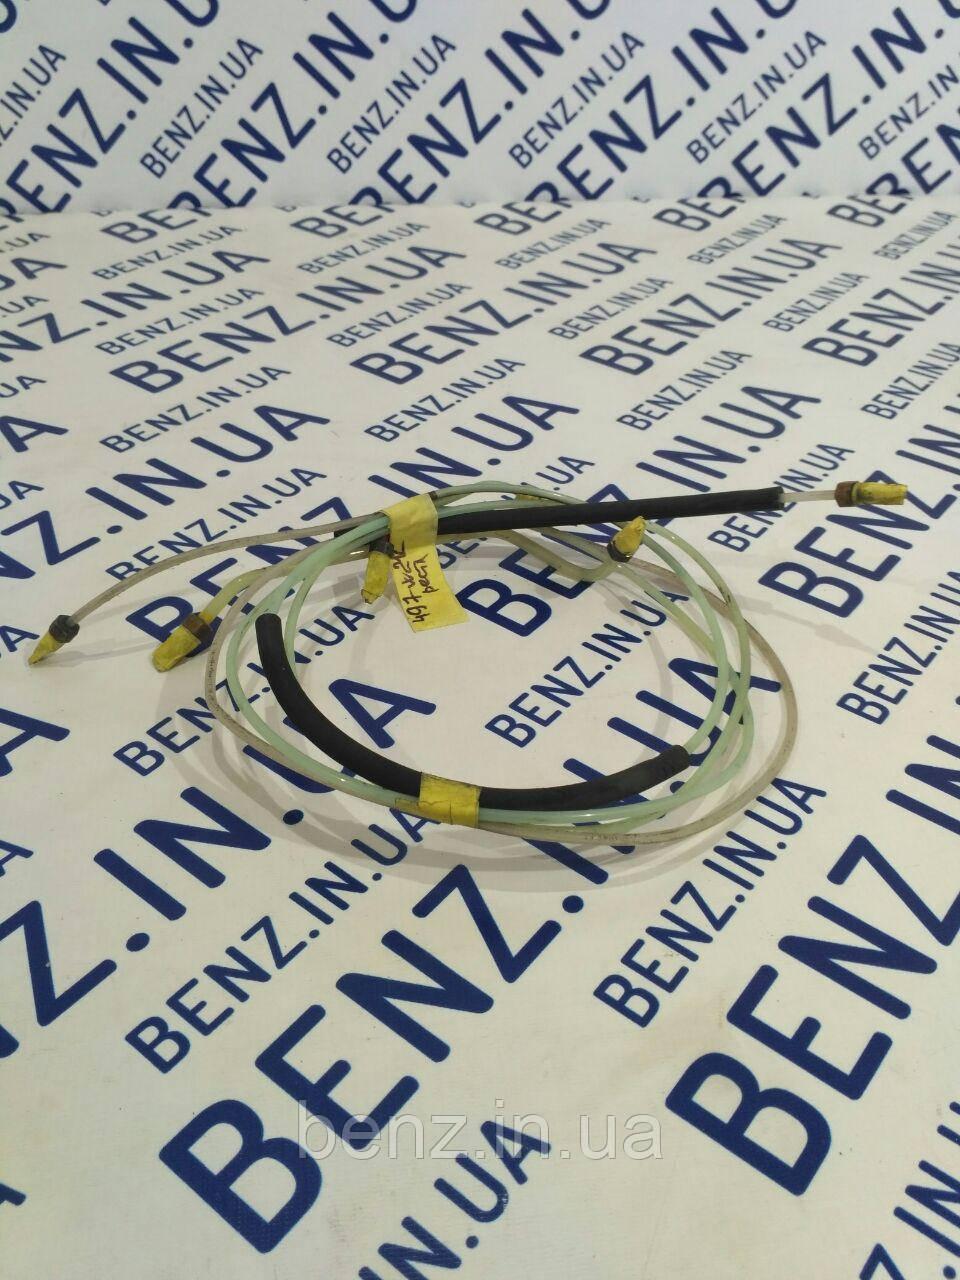 Трубки пневмопідвіски W212 A2123271245 /A2123270045